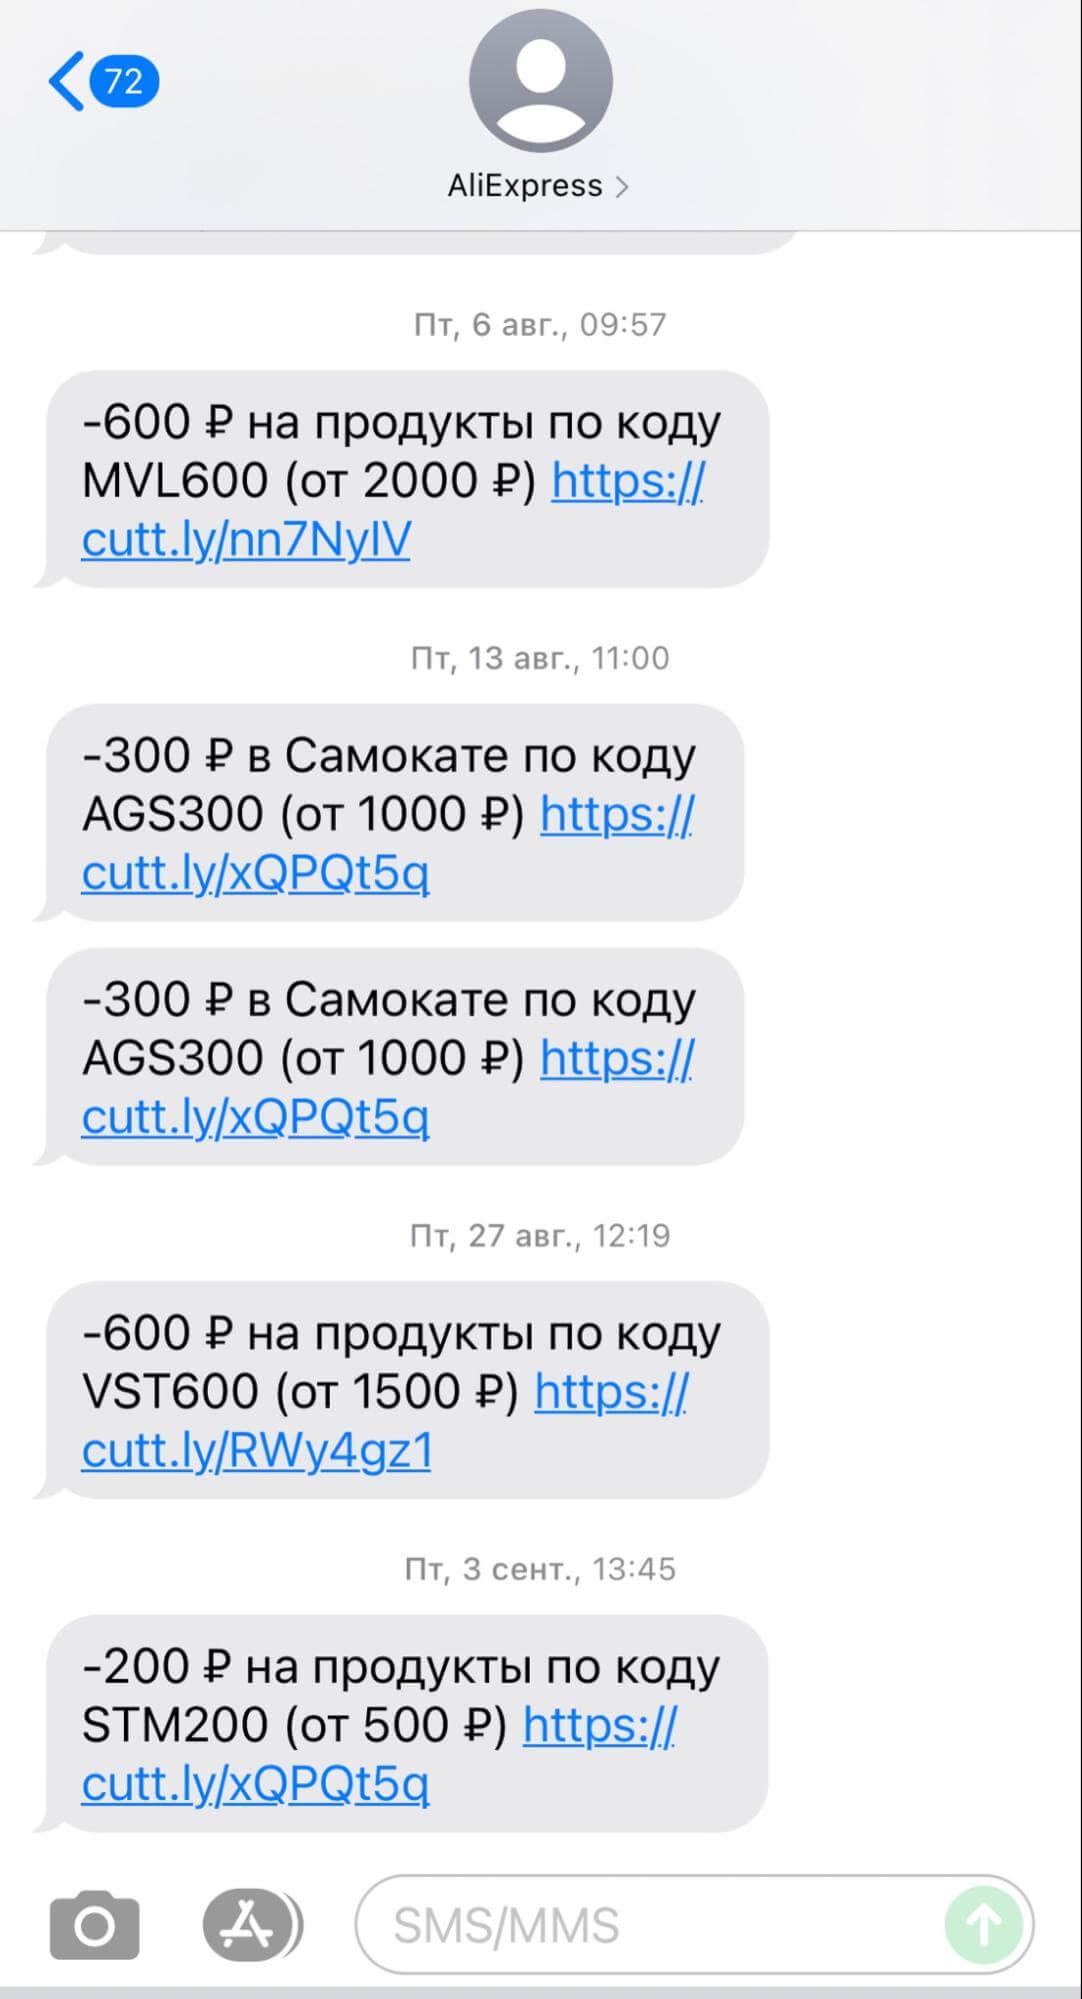 AliExpress с помощью смс-рассылки мотивирует пользователя совершить покупку